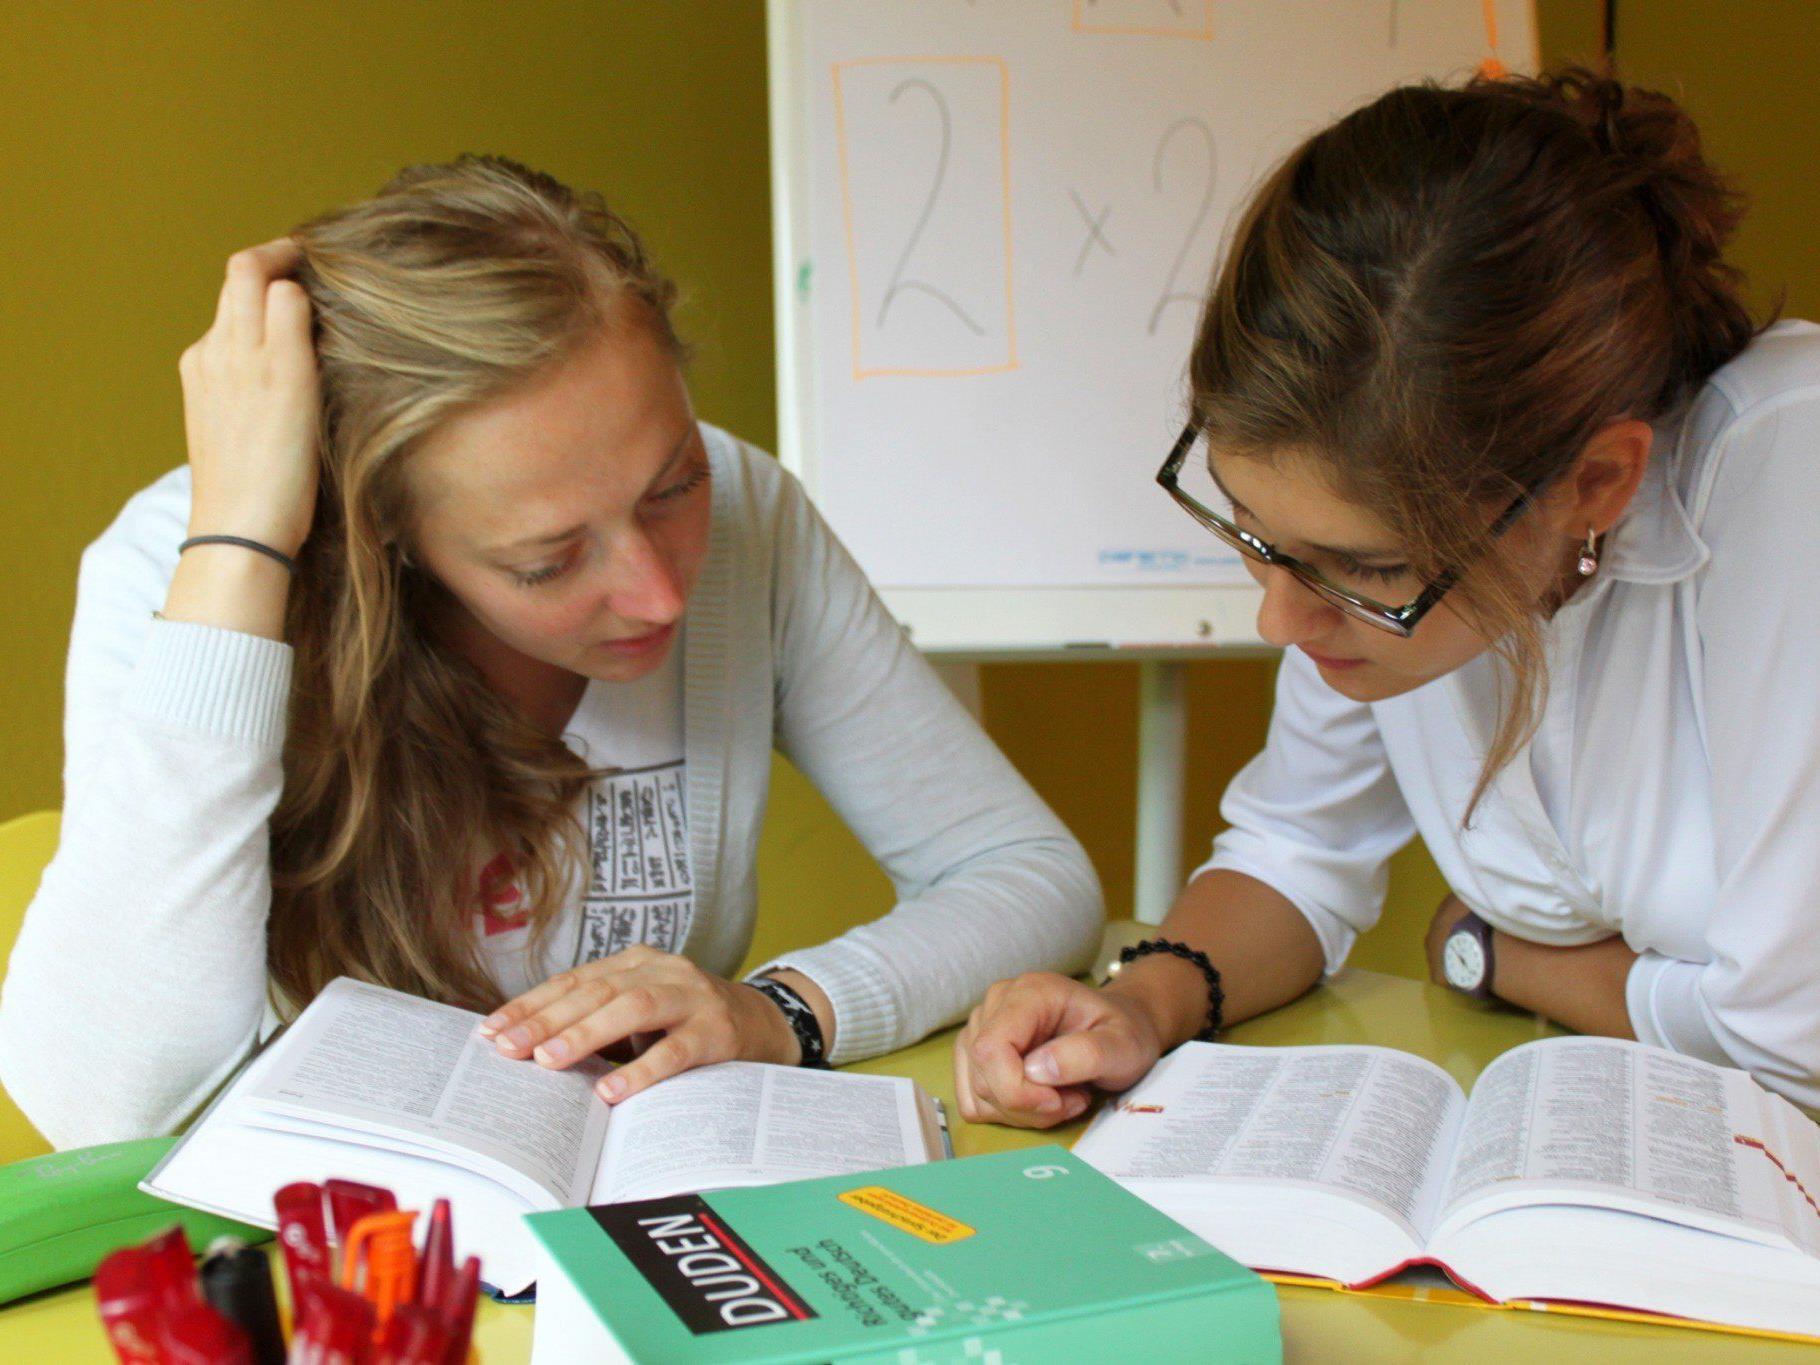 360-InhaberInnen können zwischen 14. und 18. Juli einen Nachhilfe-Gutschein der Schülerhilfe Rheintal gewinnen.